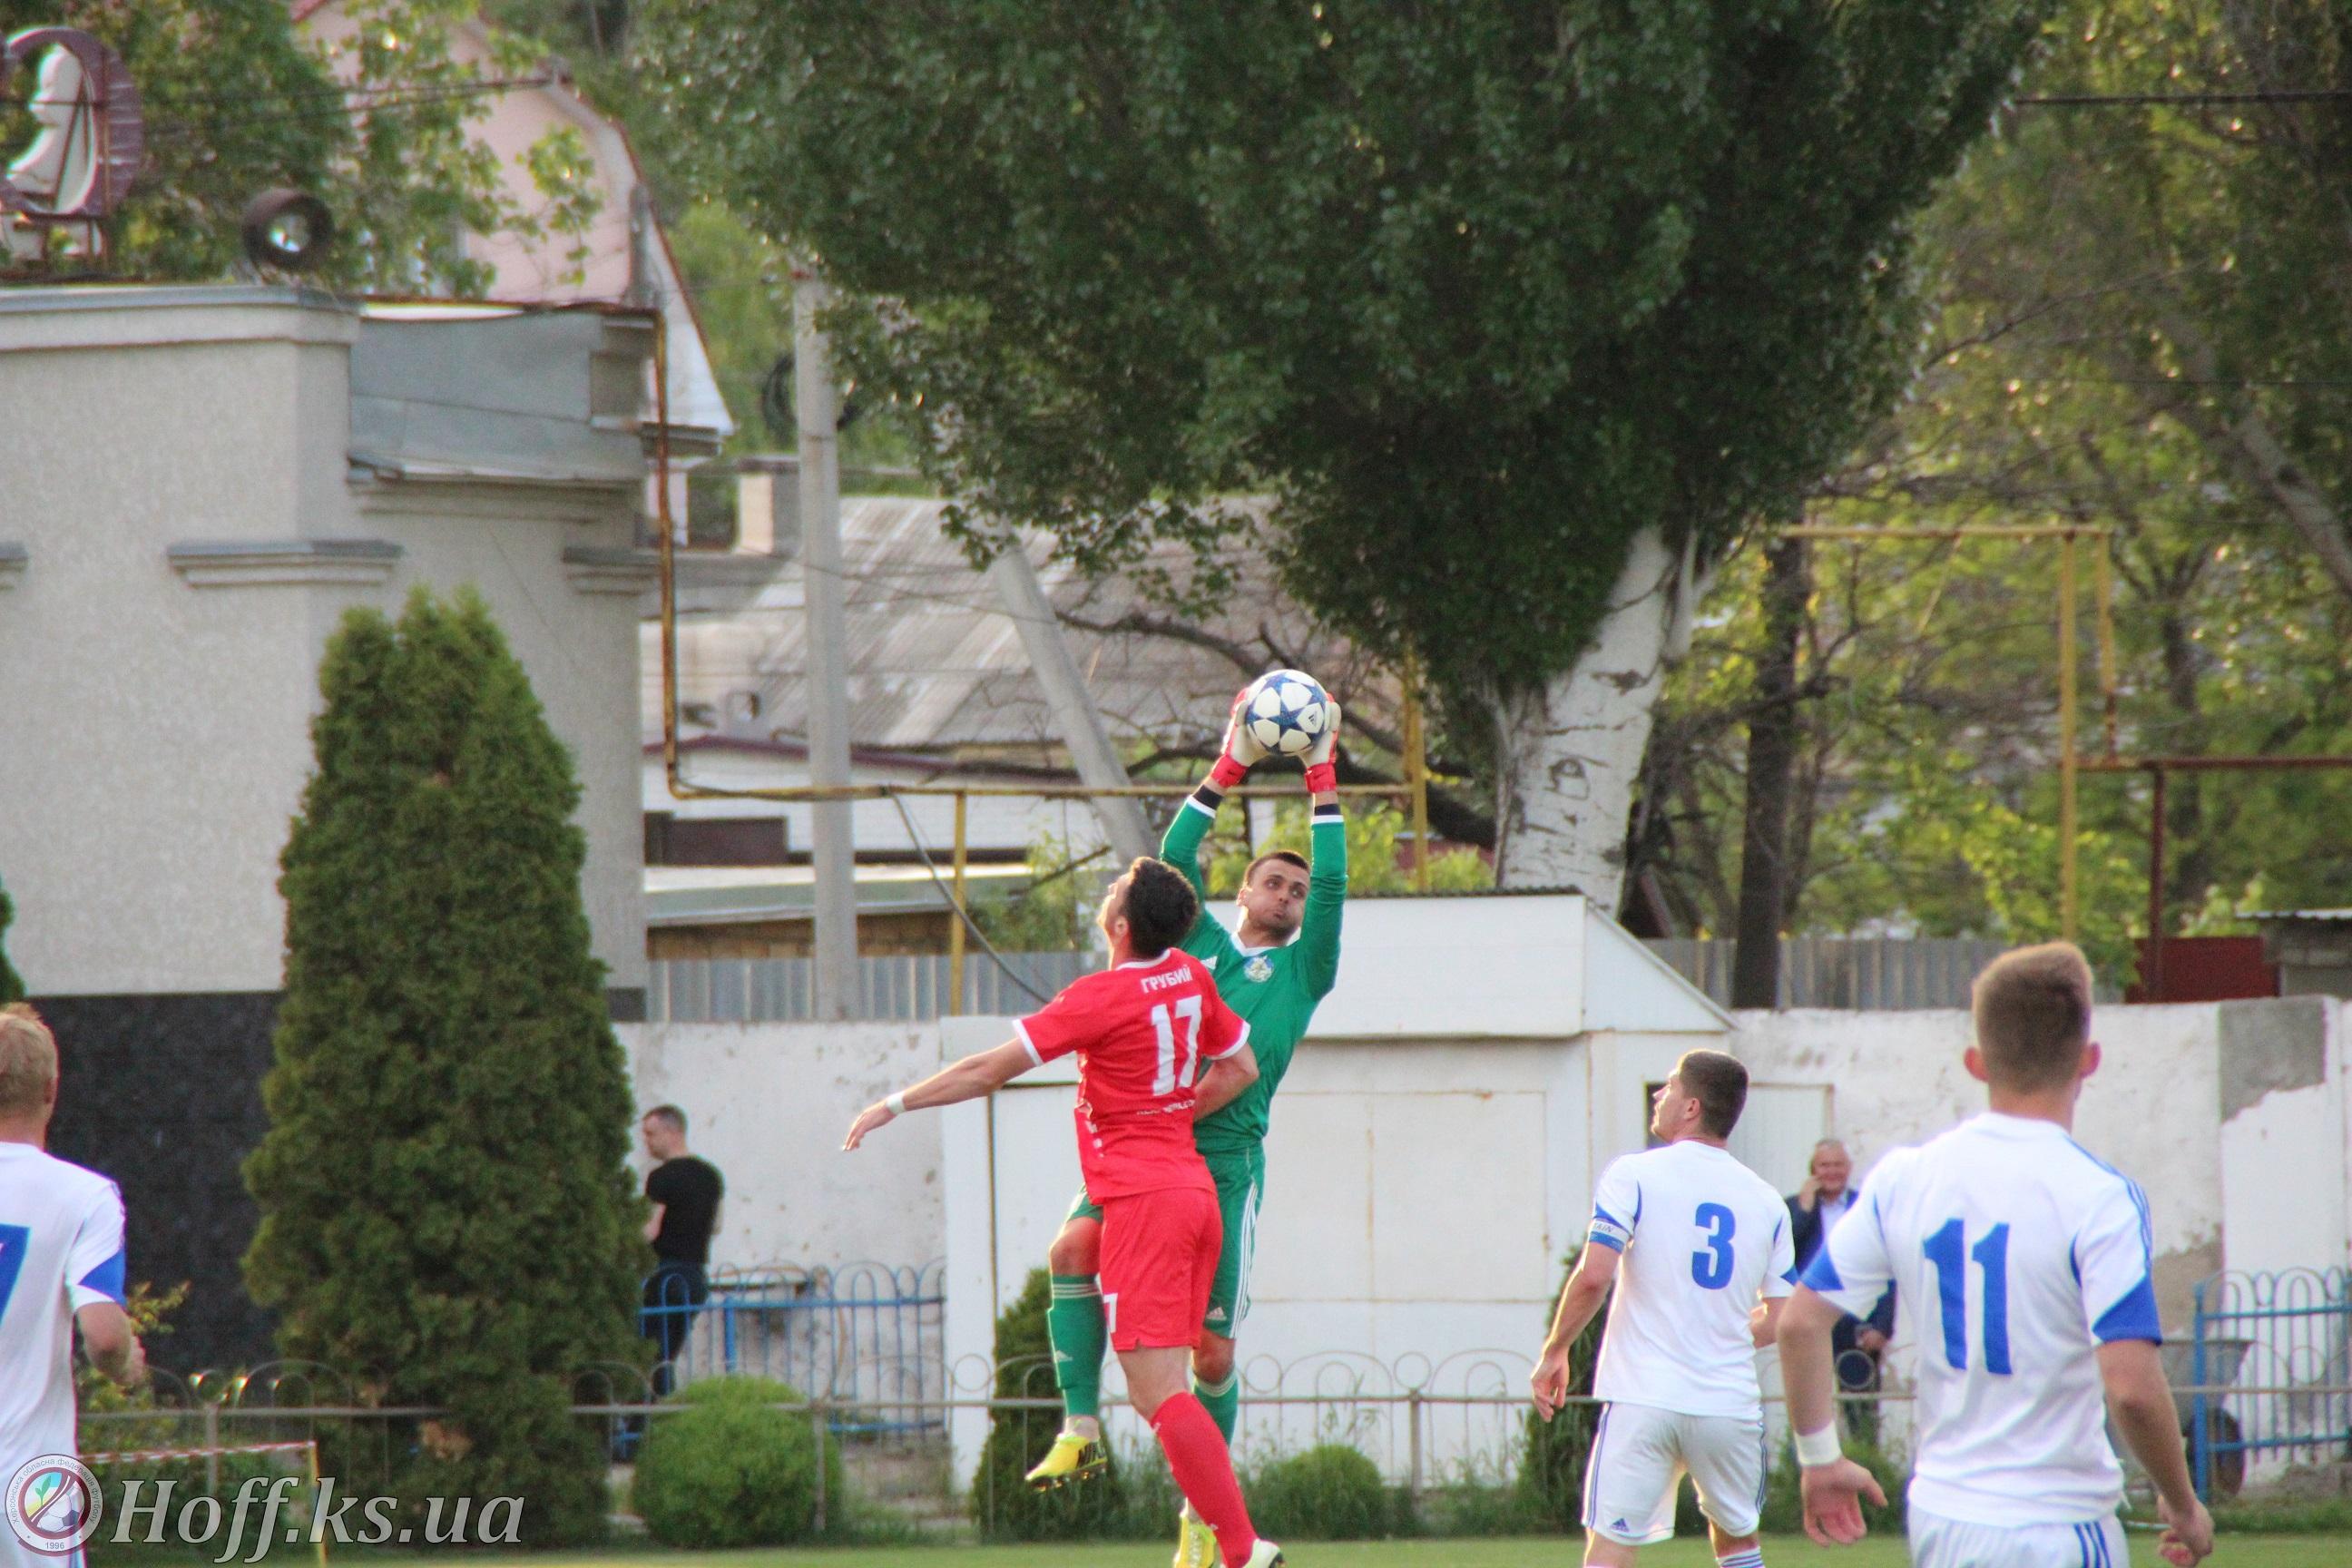 Реал Фарма выиграл у Мира 1:0 в матче 31-го тура Второй лиги